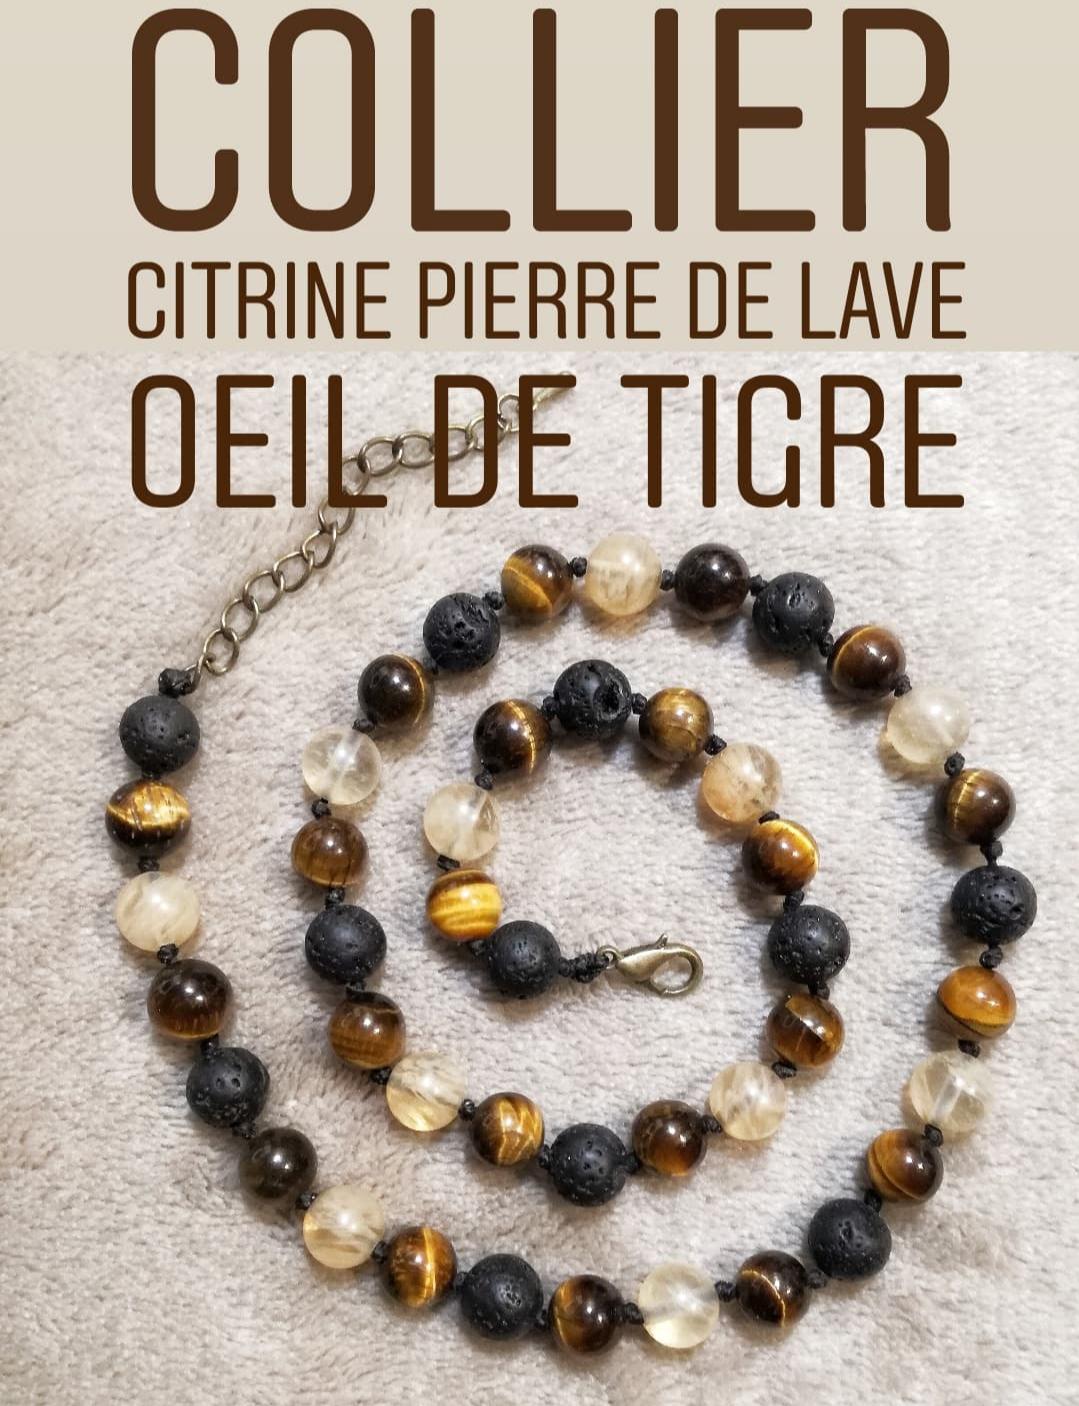 Collier Joie & Protection en Oeil de Tigre - Citrine - Pierre de Lave